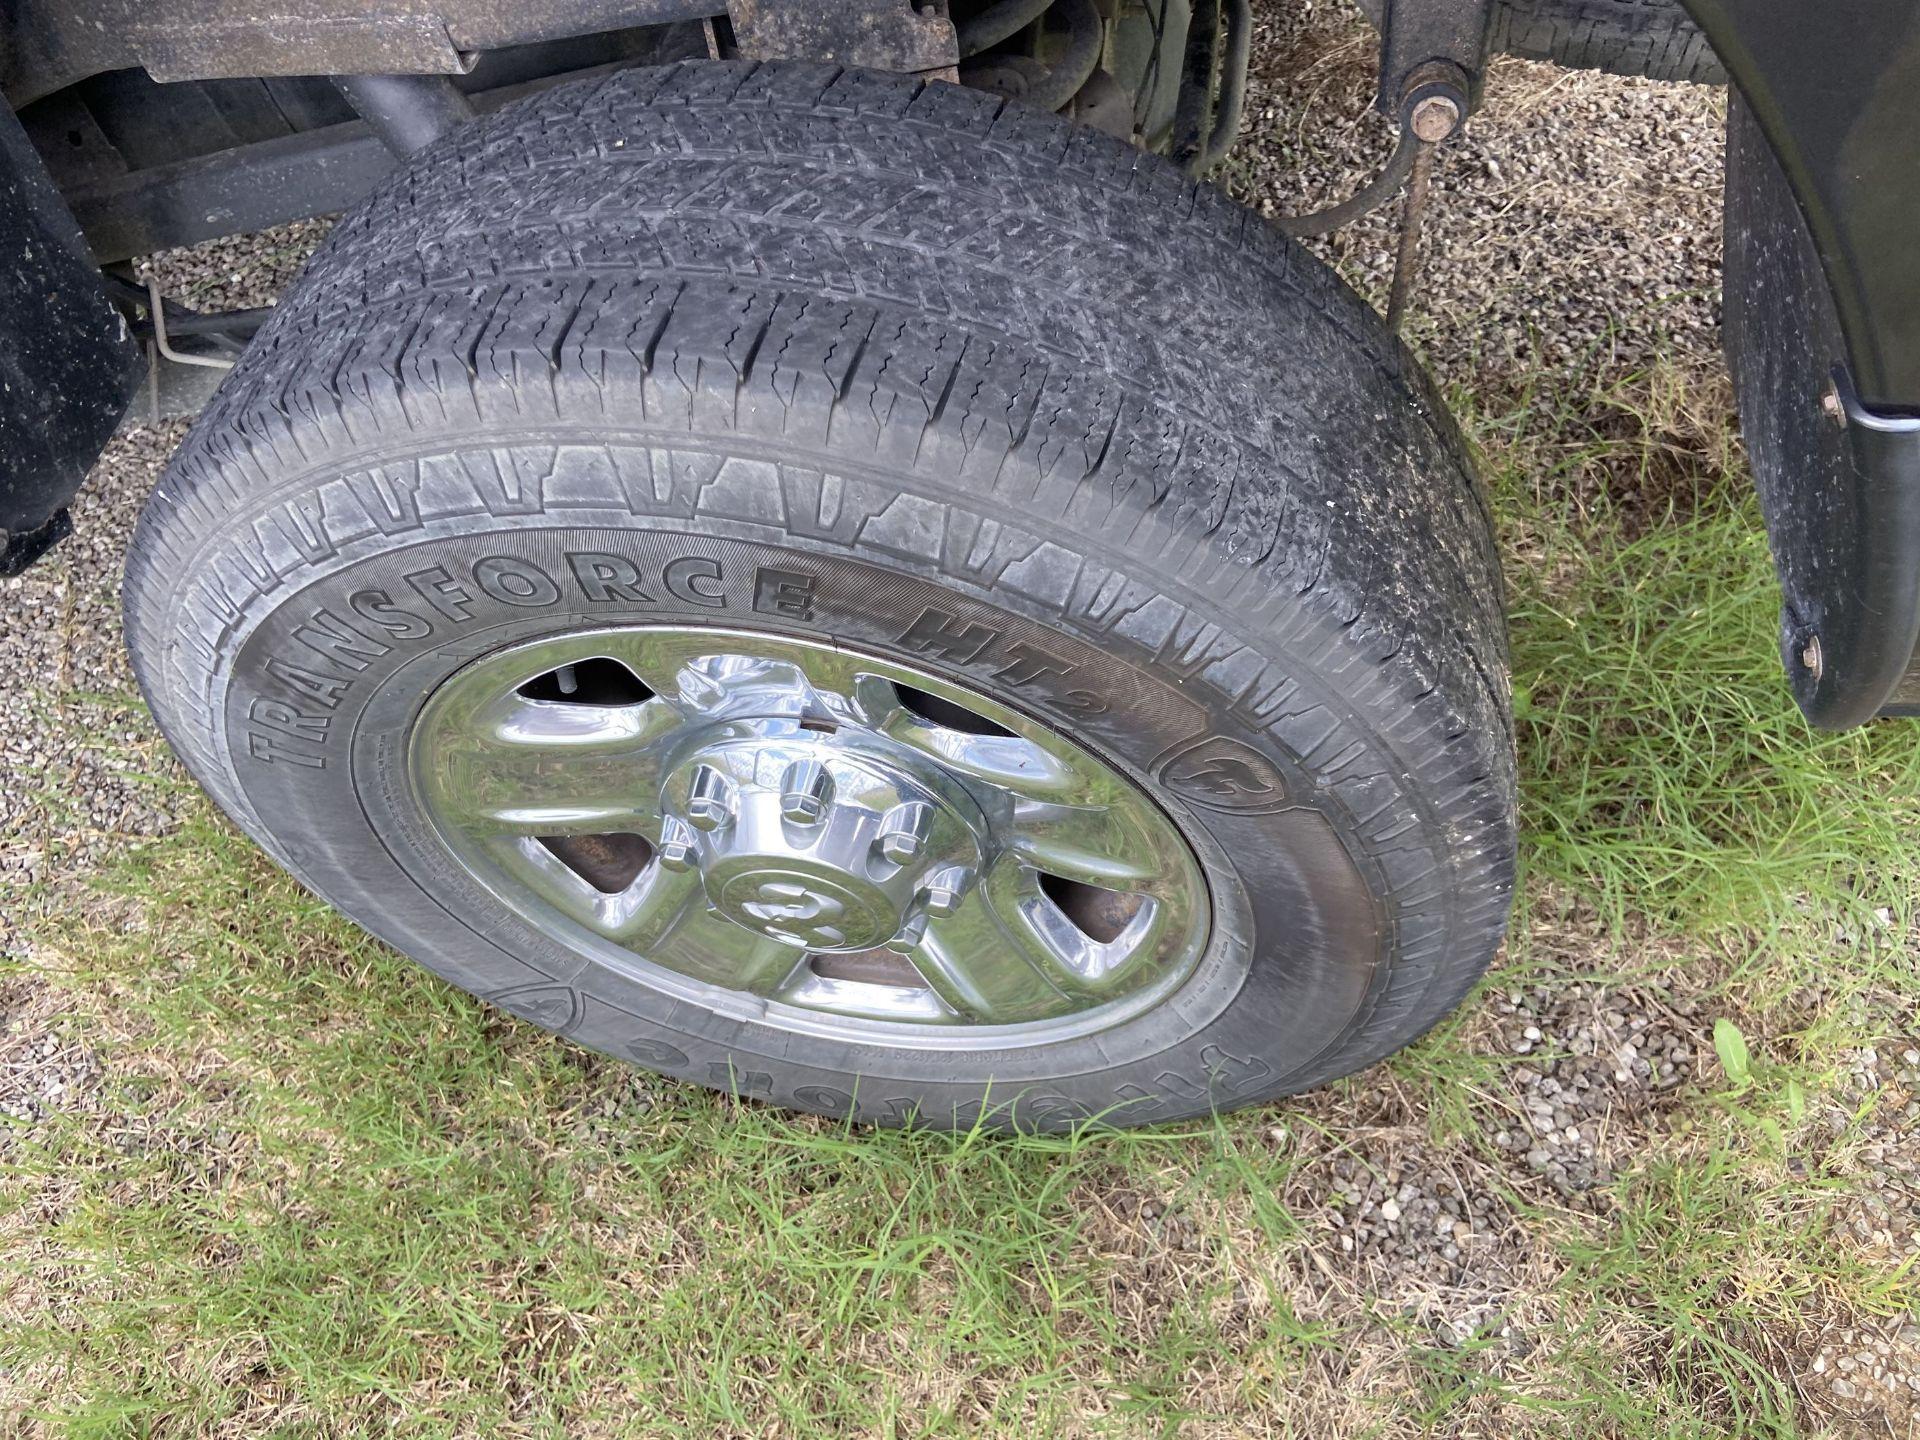 2013 Dodge Ram 2500 HD Crew Cab Long Bed, 251K Miles, Cloth, 4X4, Diesel, VIN # 3C6UR5HL1EG135730 - Image 6 of 17